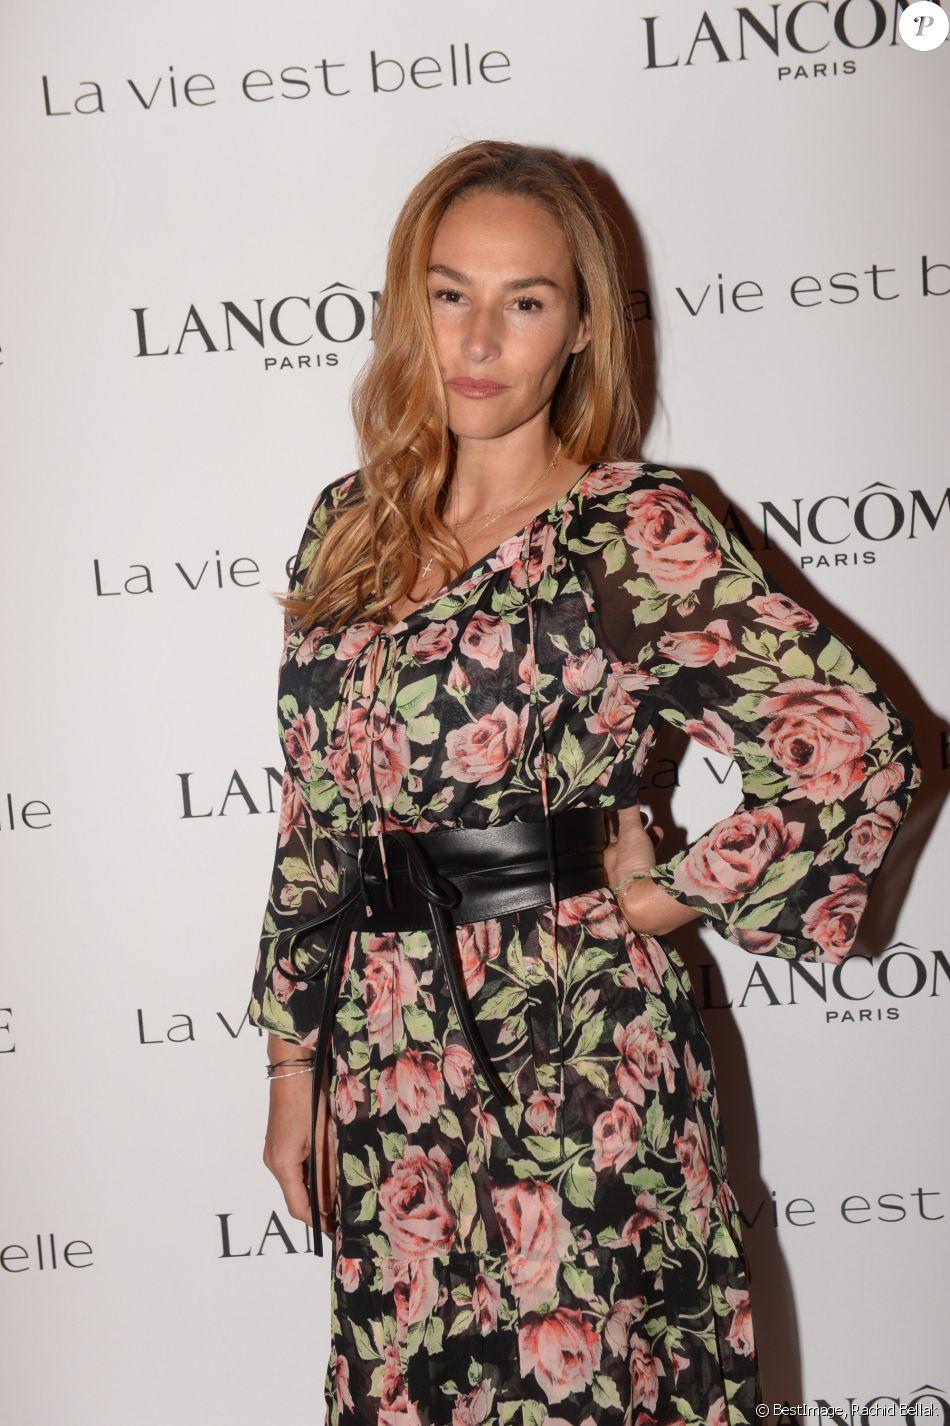 """Exclusif - Vanessa Demouy Soirée Lancôme pour célébrer la nouvelle communication du parfum Iconique """"La Vie est Belle"""" à l'hôtel Mona Bismarck à Paris le 12 septembre 2018."""